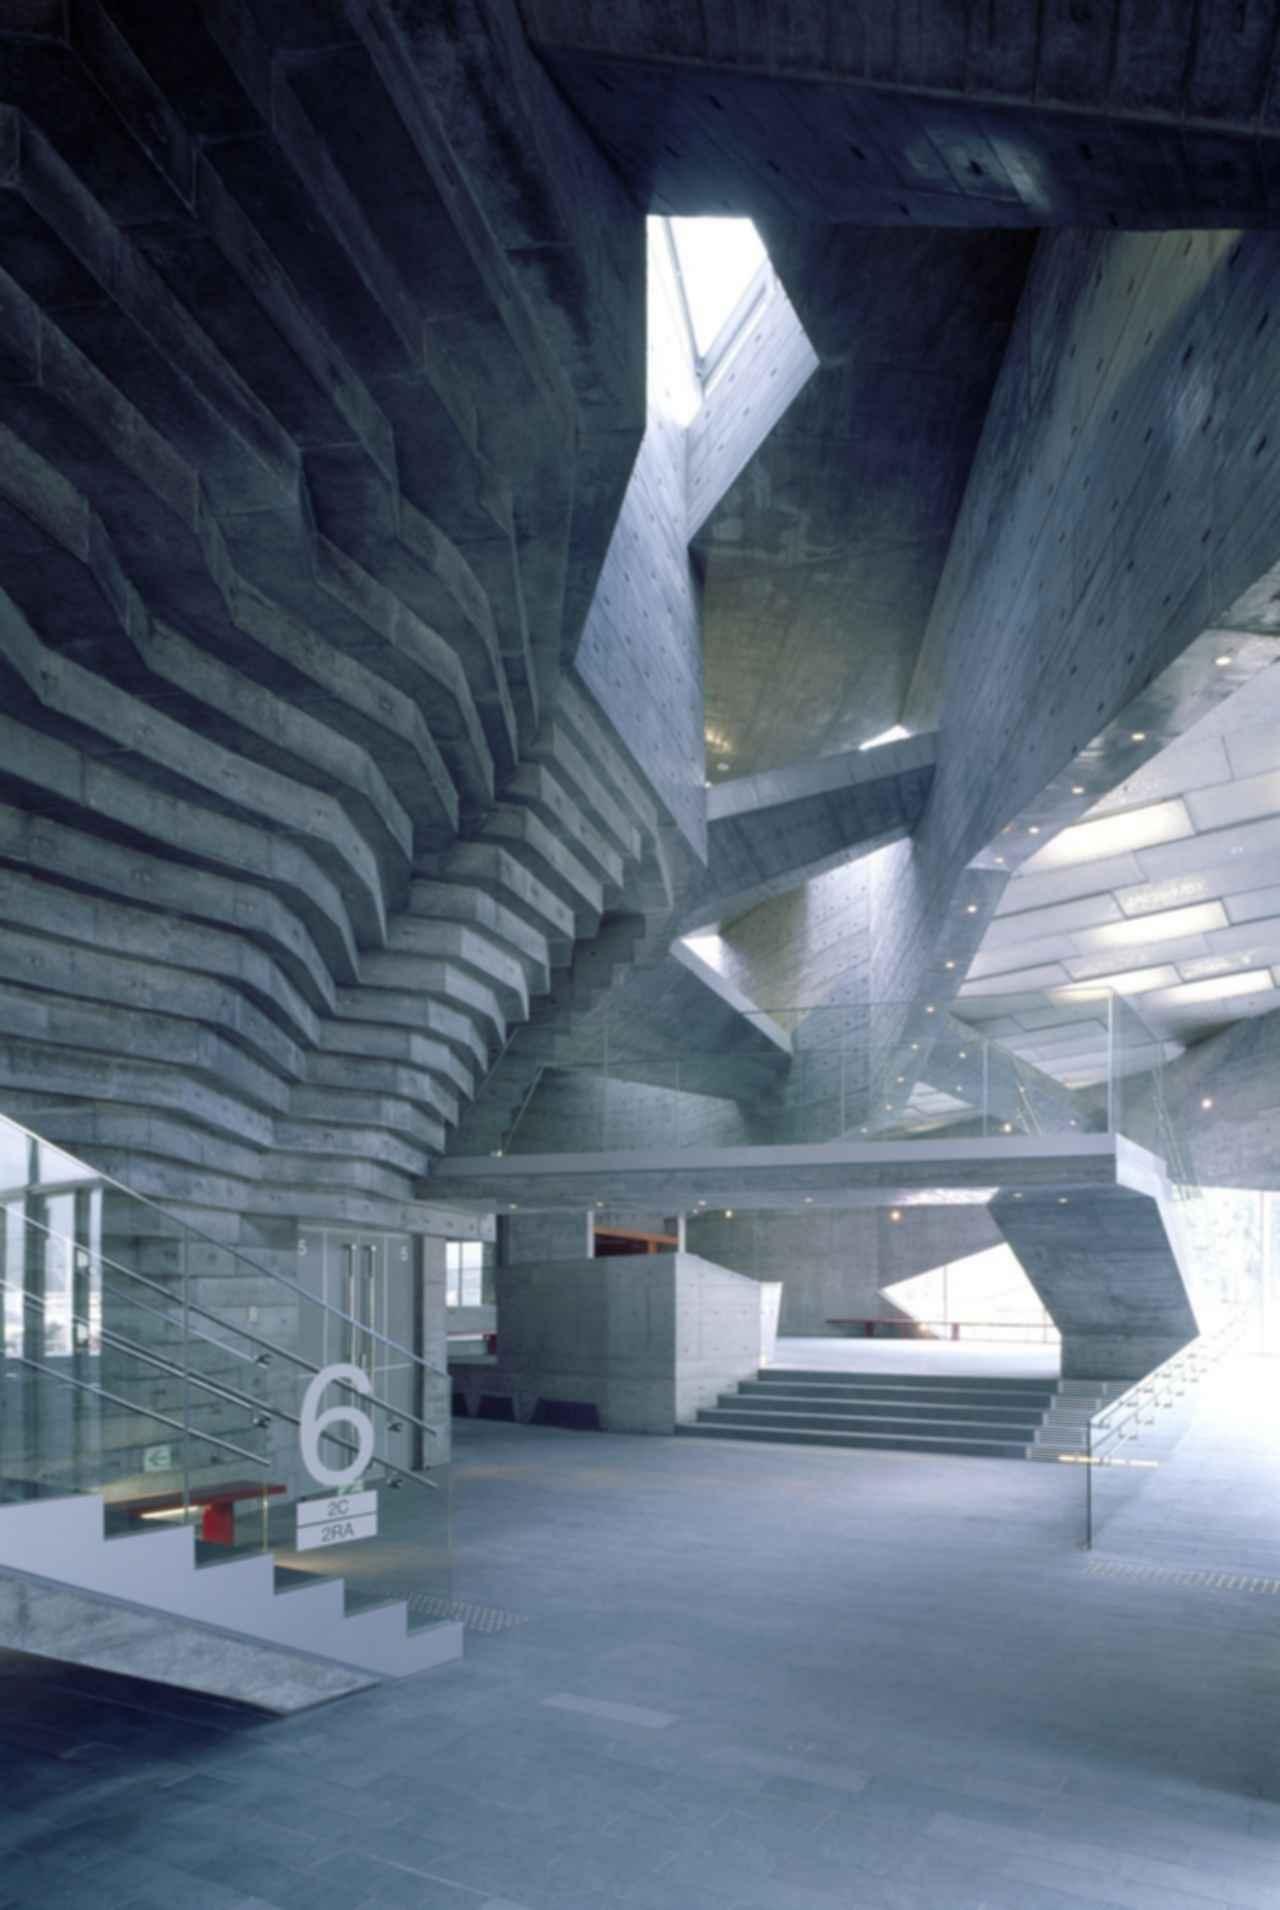 Ofunato Civic Center and Library - Interior